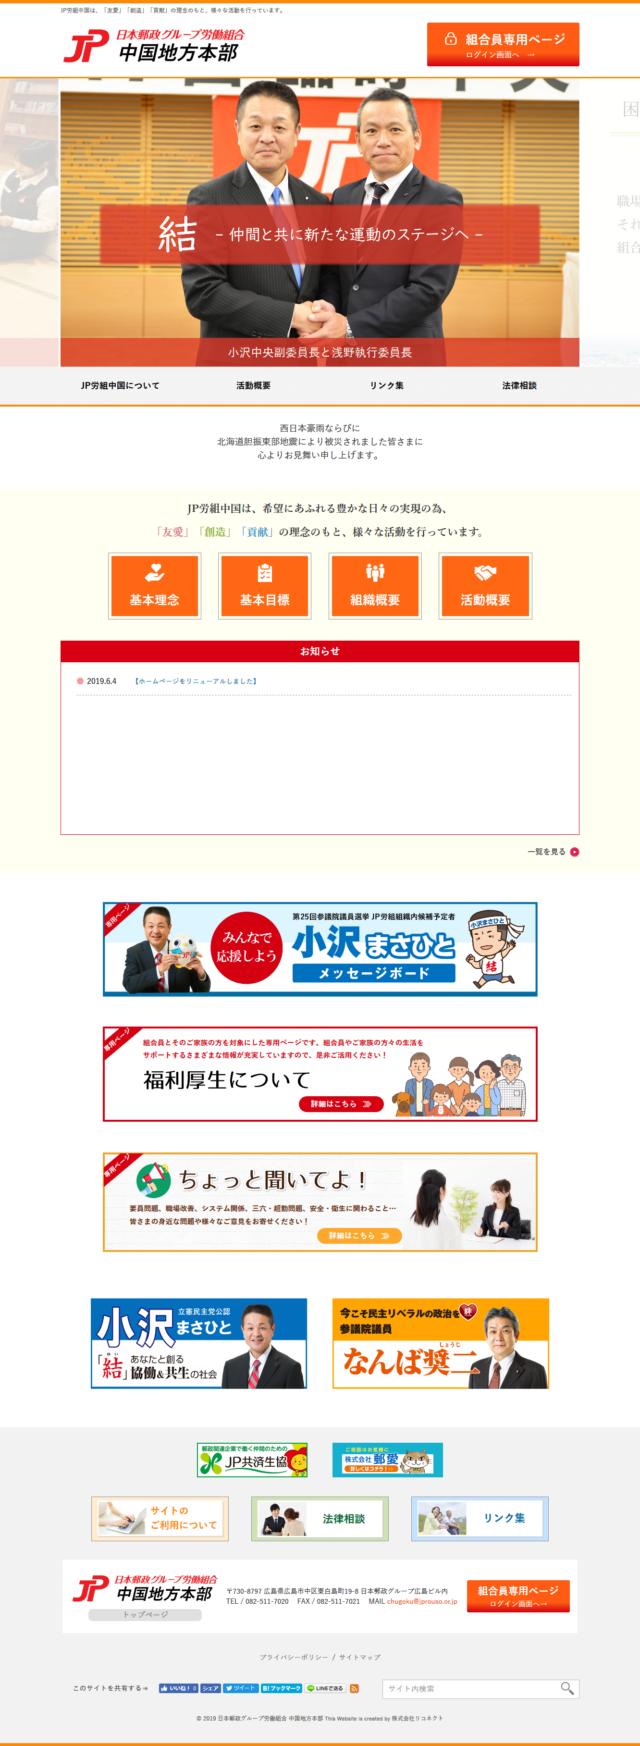 広島県広島市 日本郵政グループ労働組合 中国地方本部 様